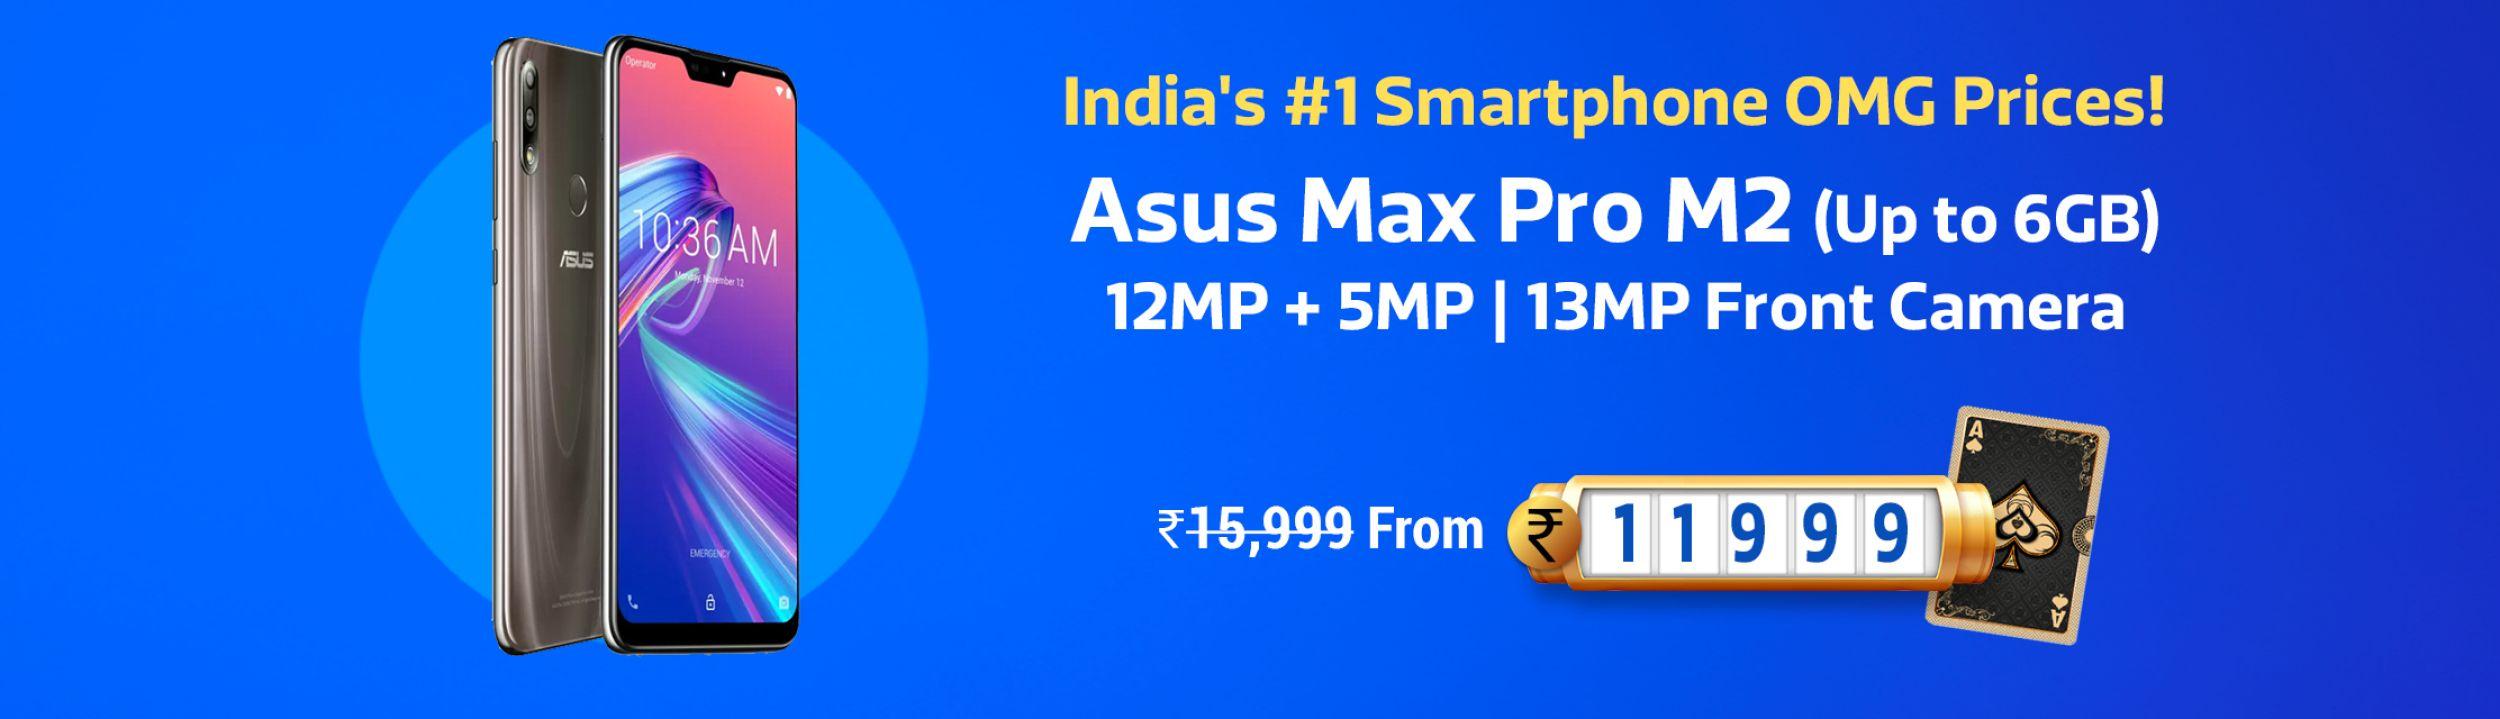 Asus Max Pro M2